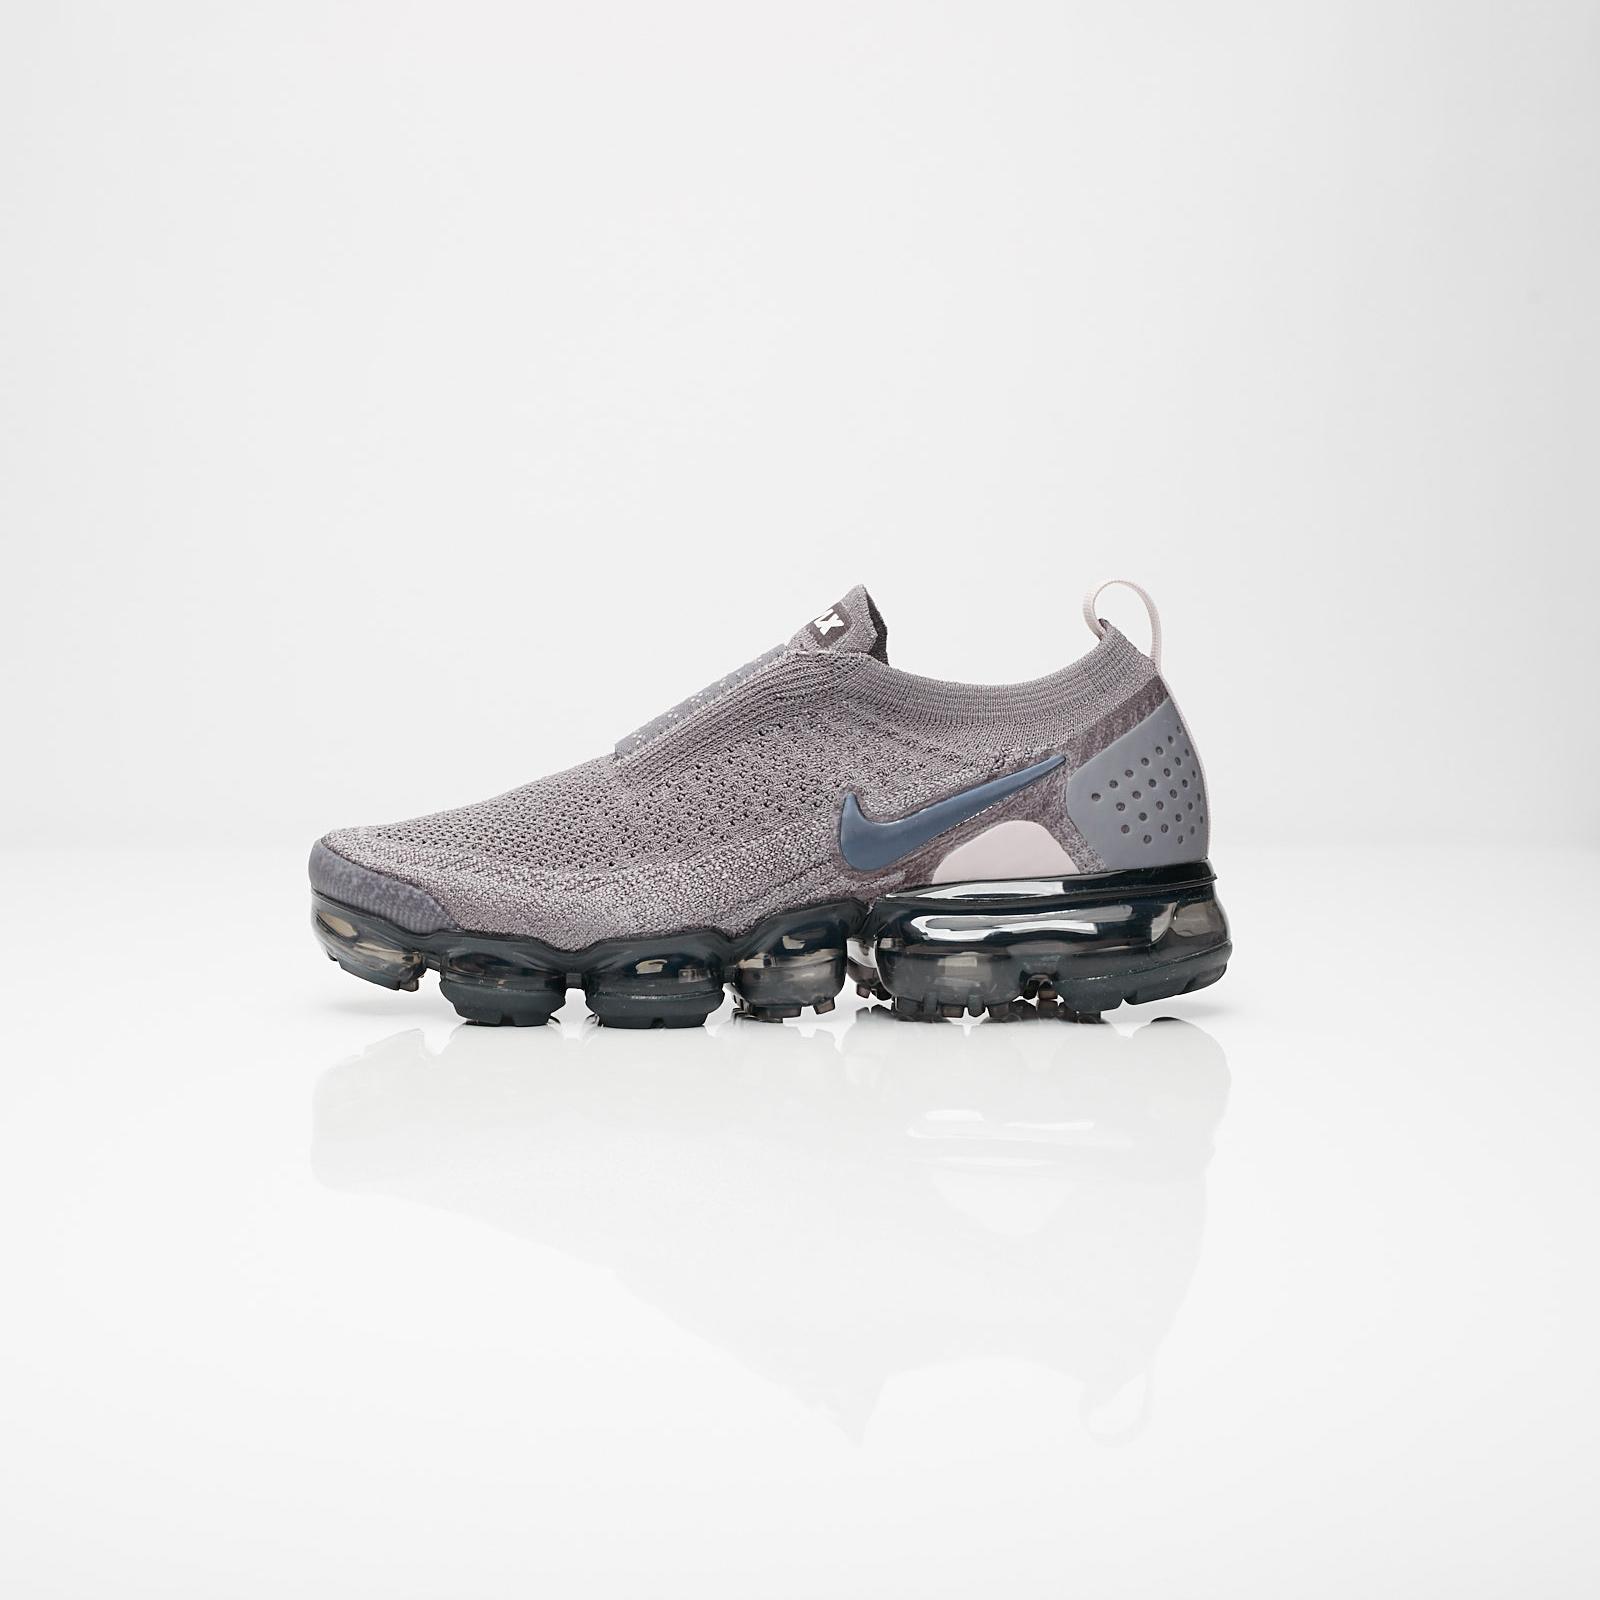 new style d6282 3f878 Nike Wmns Air Vapormax FK Moc 2 - Aj6599-003 - Sneakersnstuff   sneakers    streetwear online since 1999